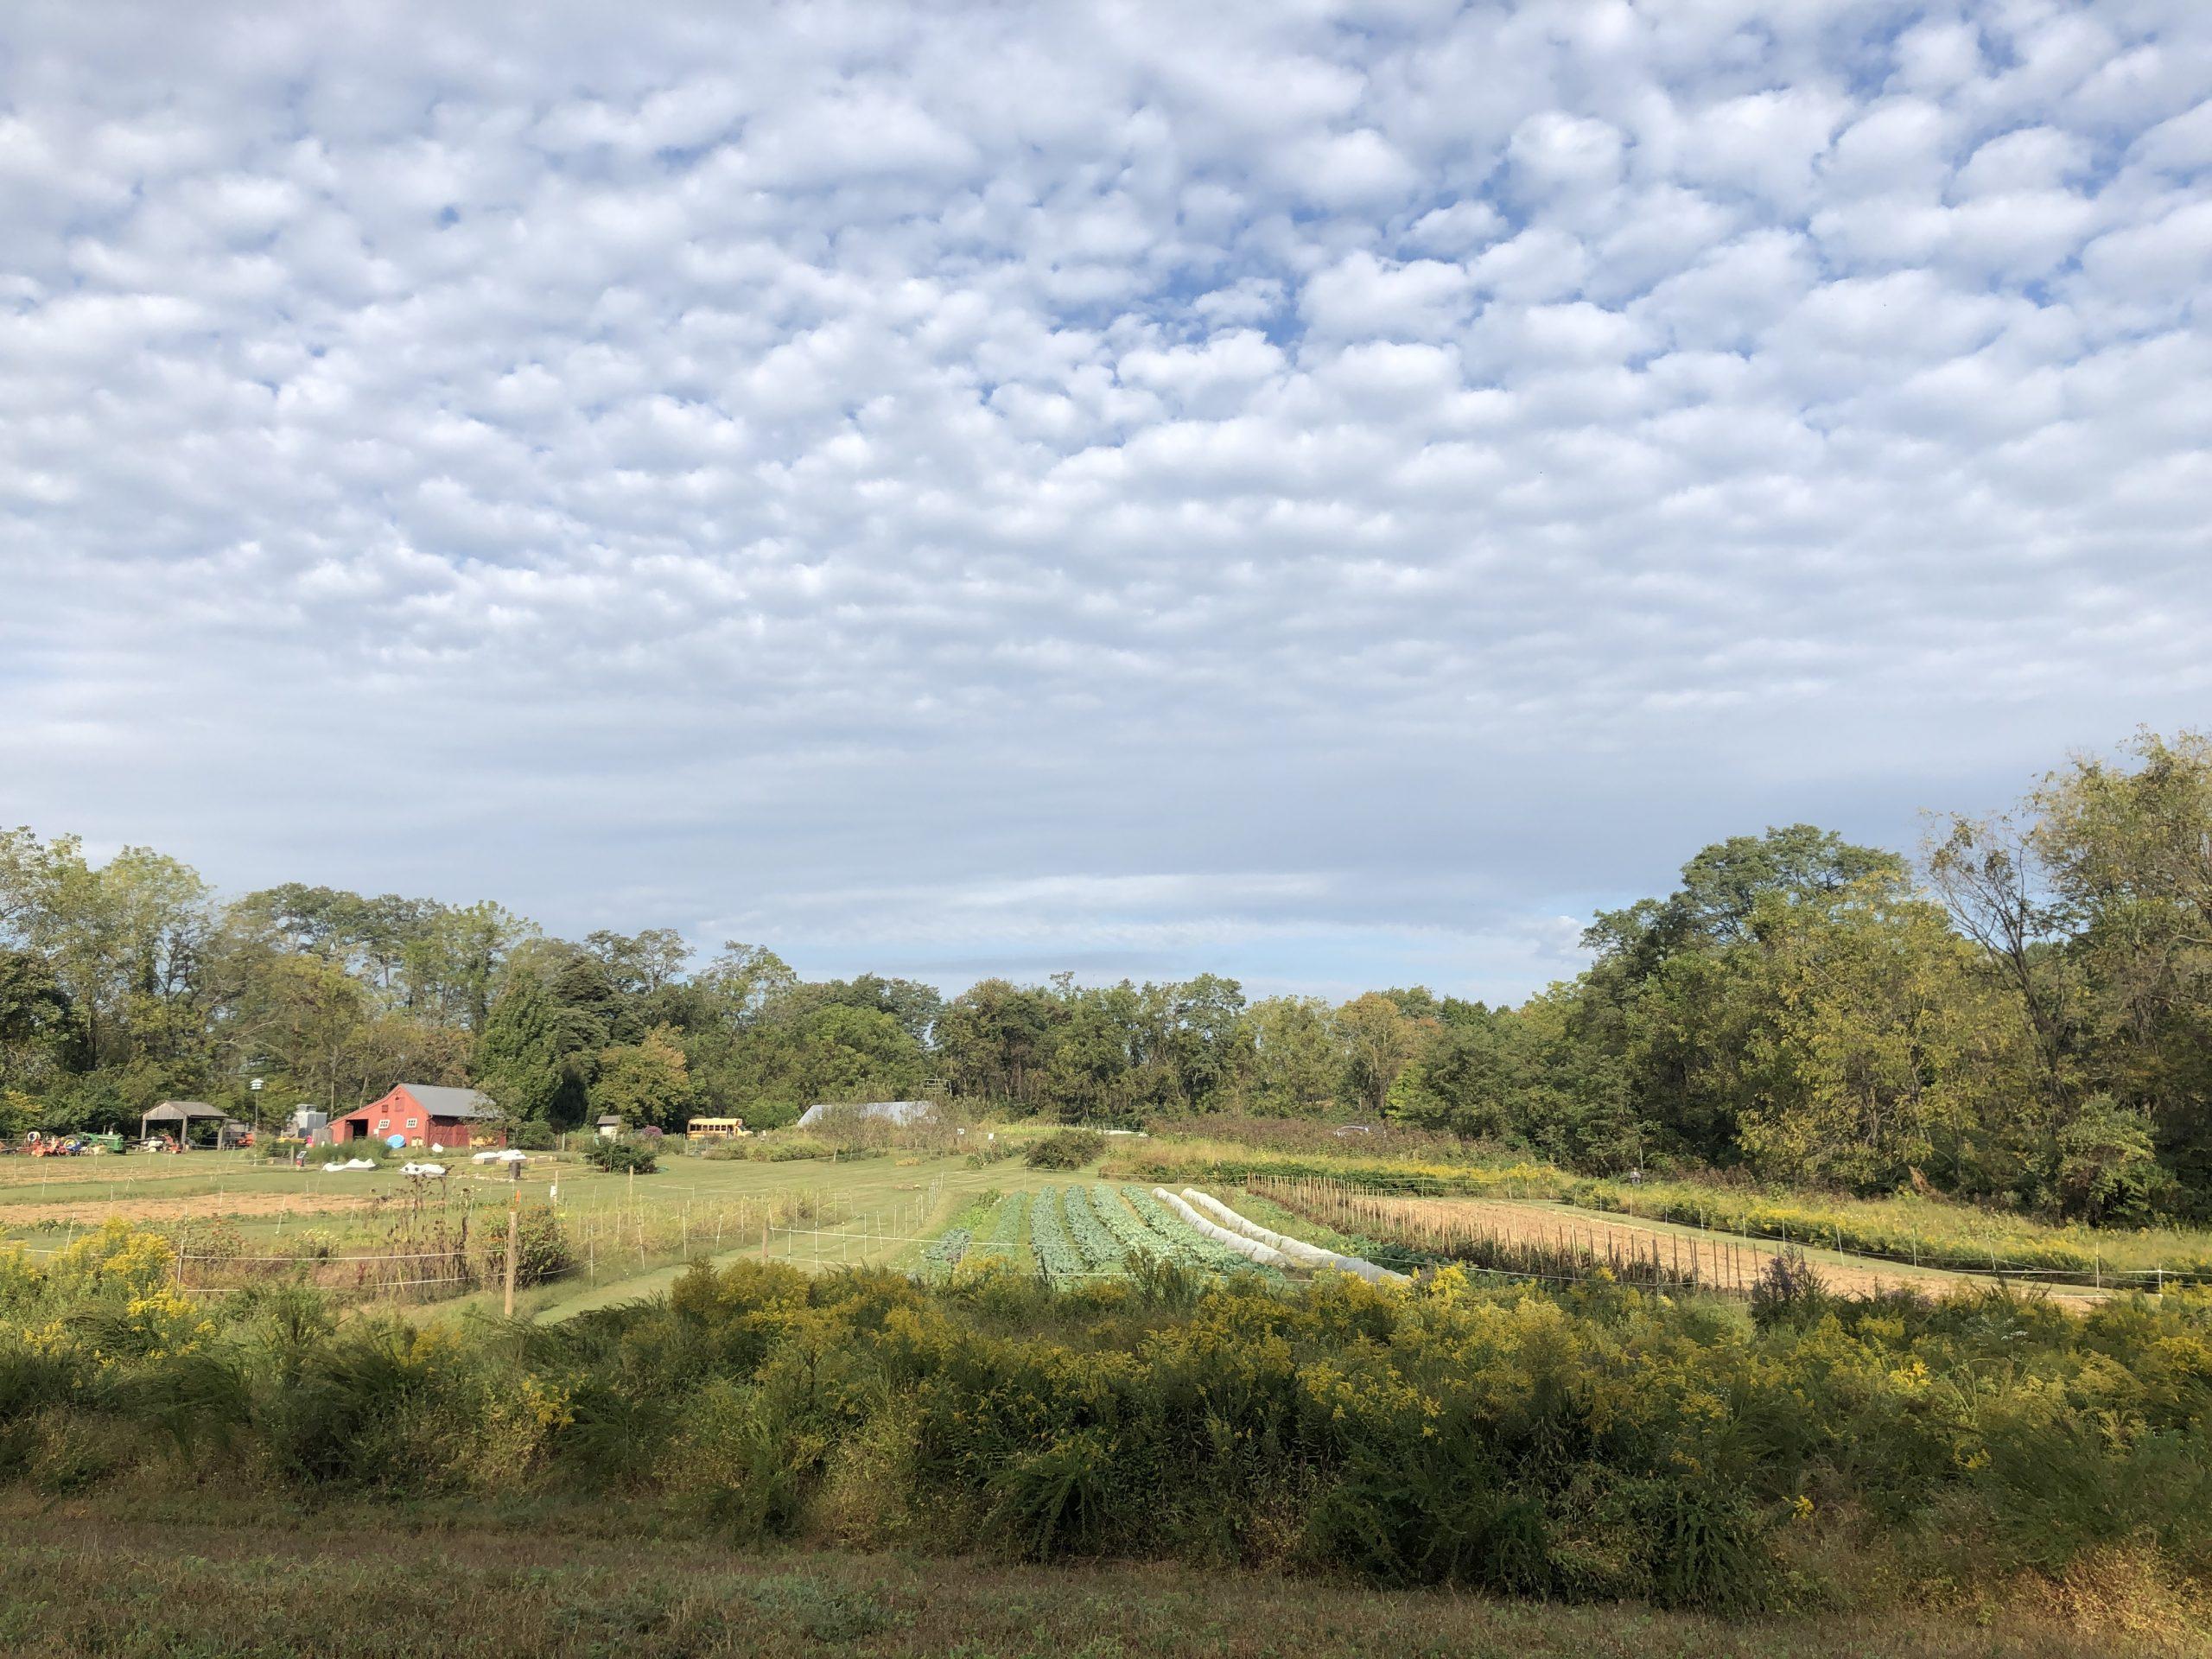 Rushton Farm in October.  Photo by Jodi Spragins